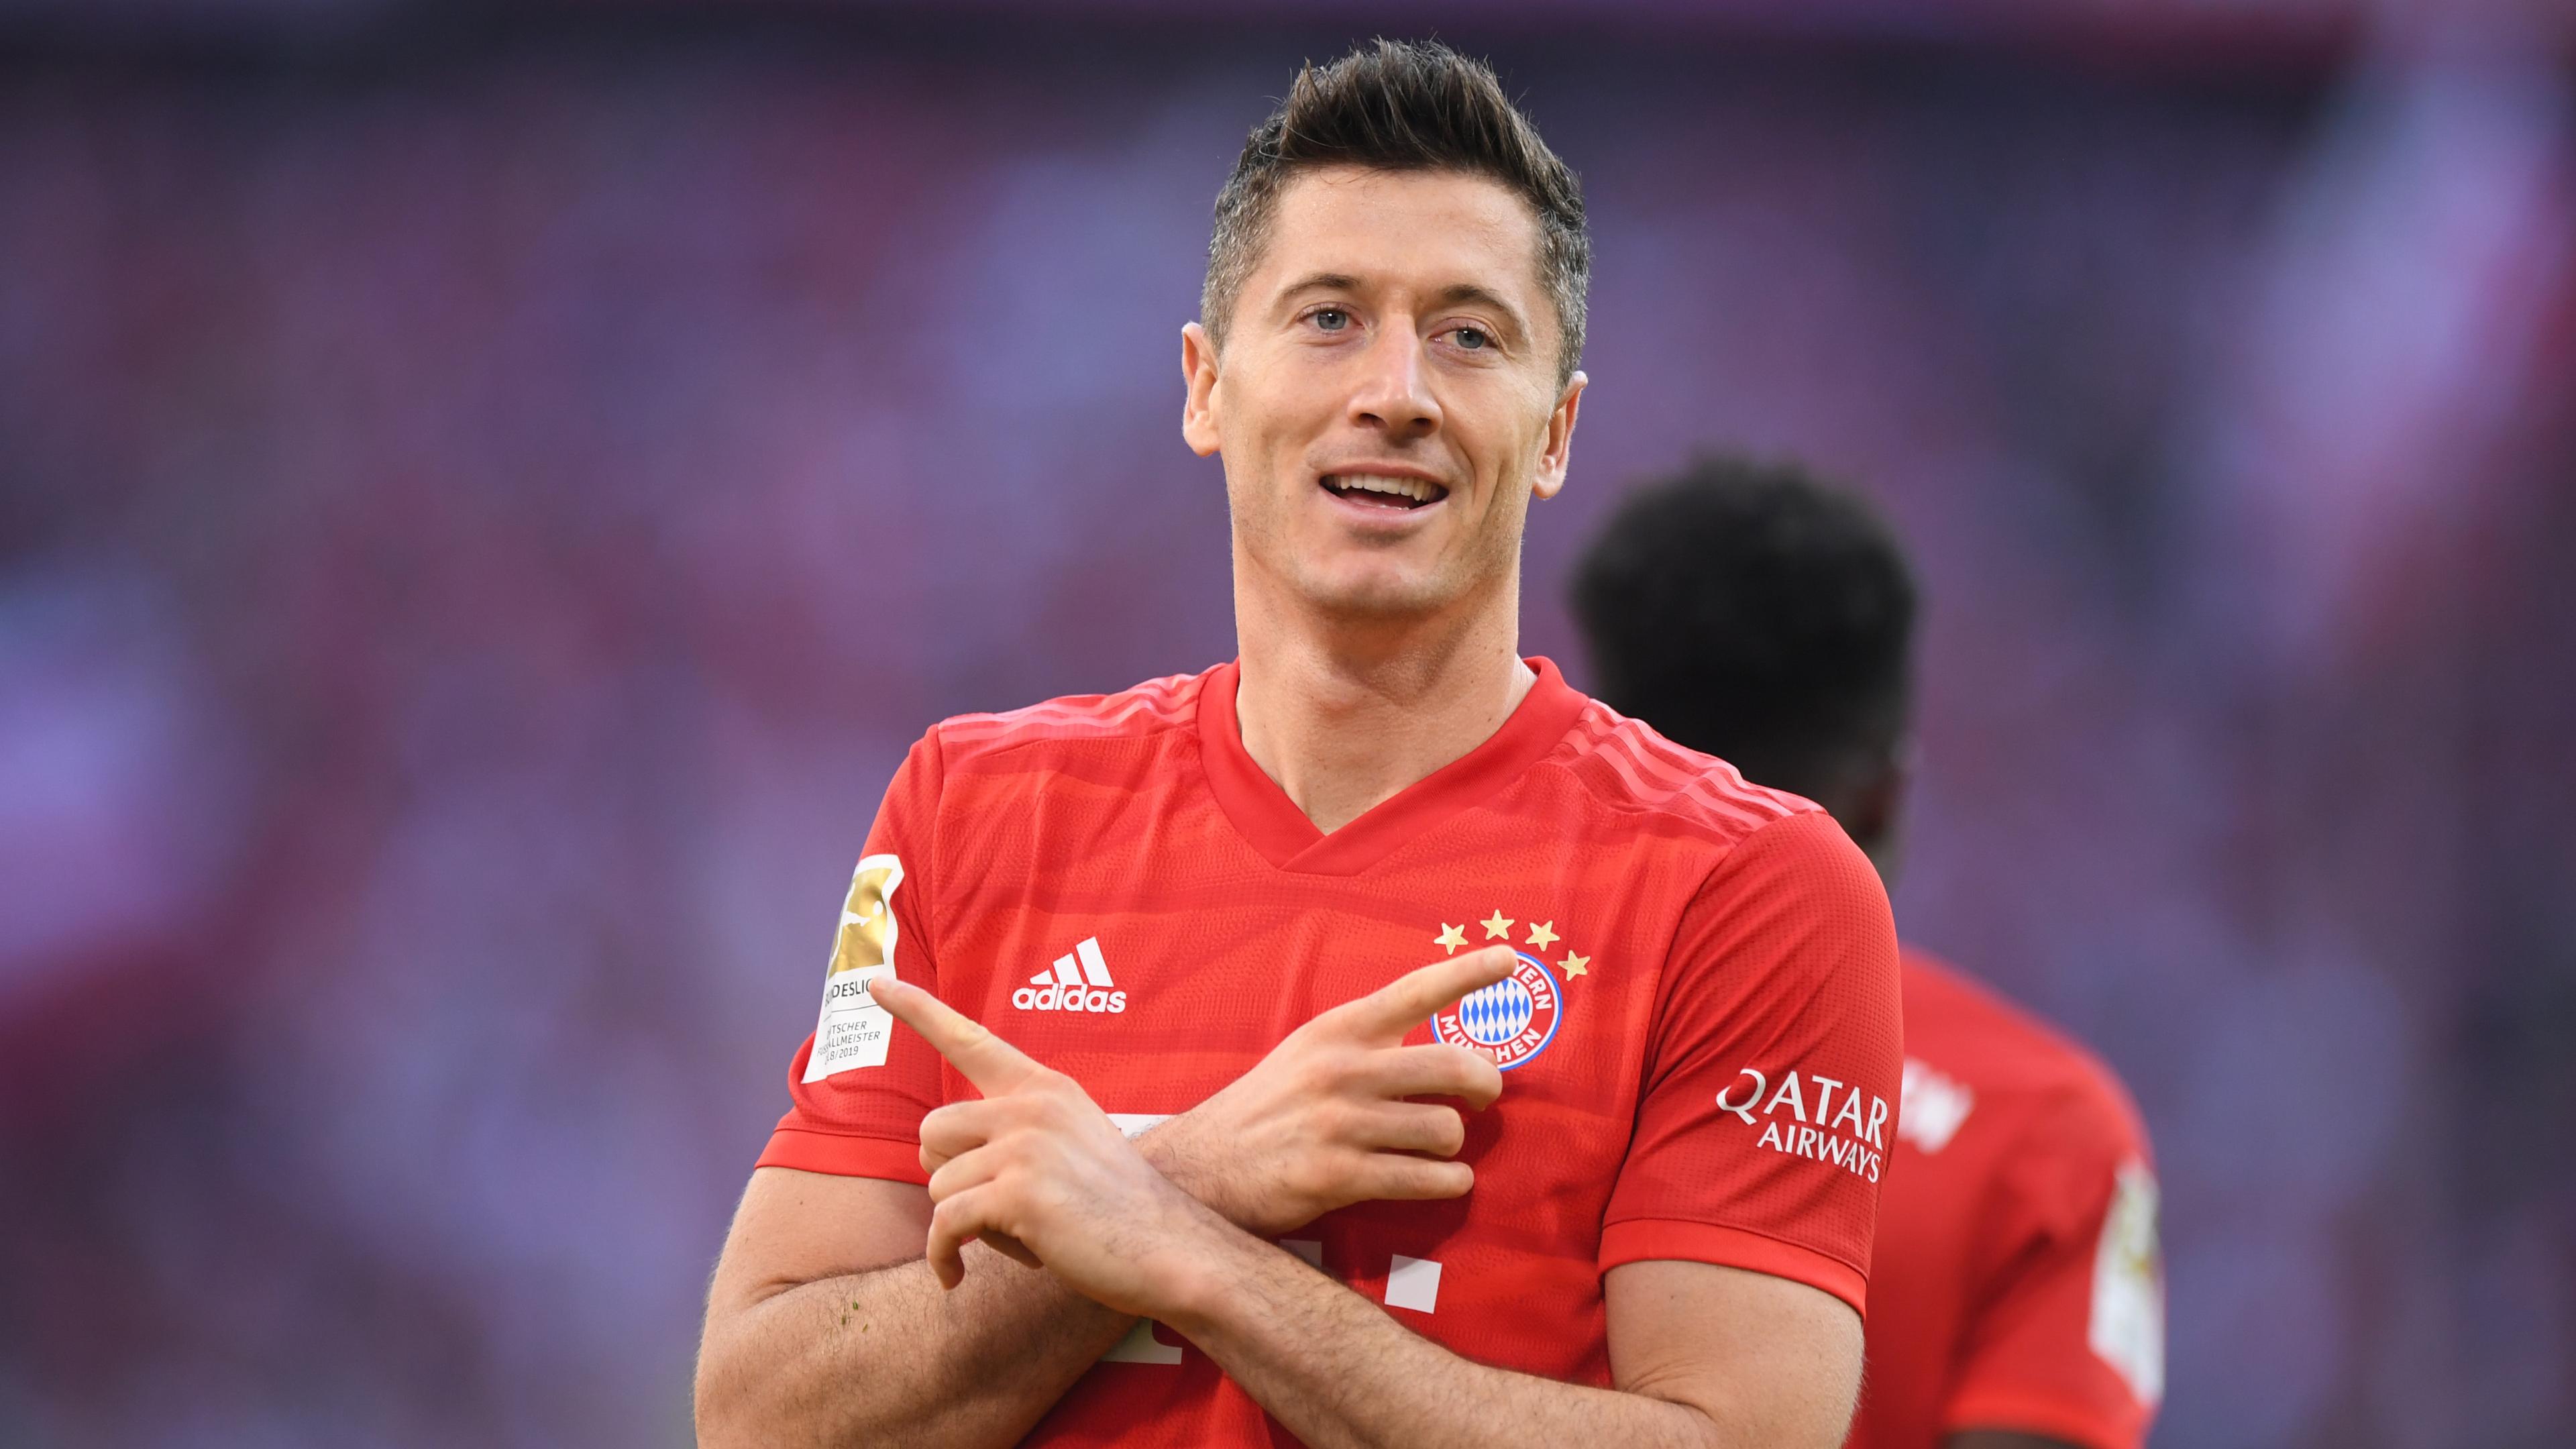 Bayern Munich xác nhận Lewandowski sắp phẫu thuật chữa trị chấn thương háng  | Goal.com